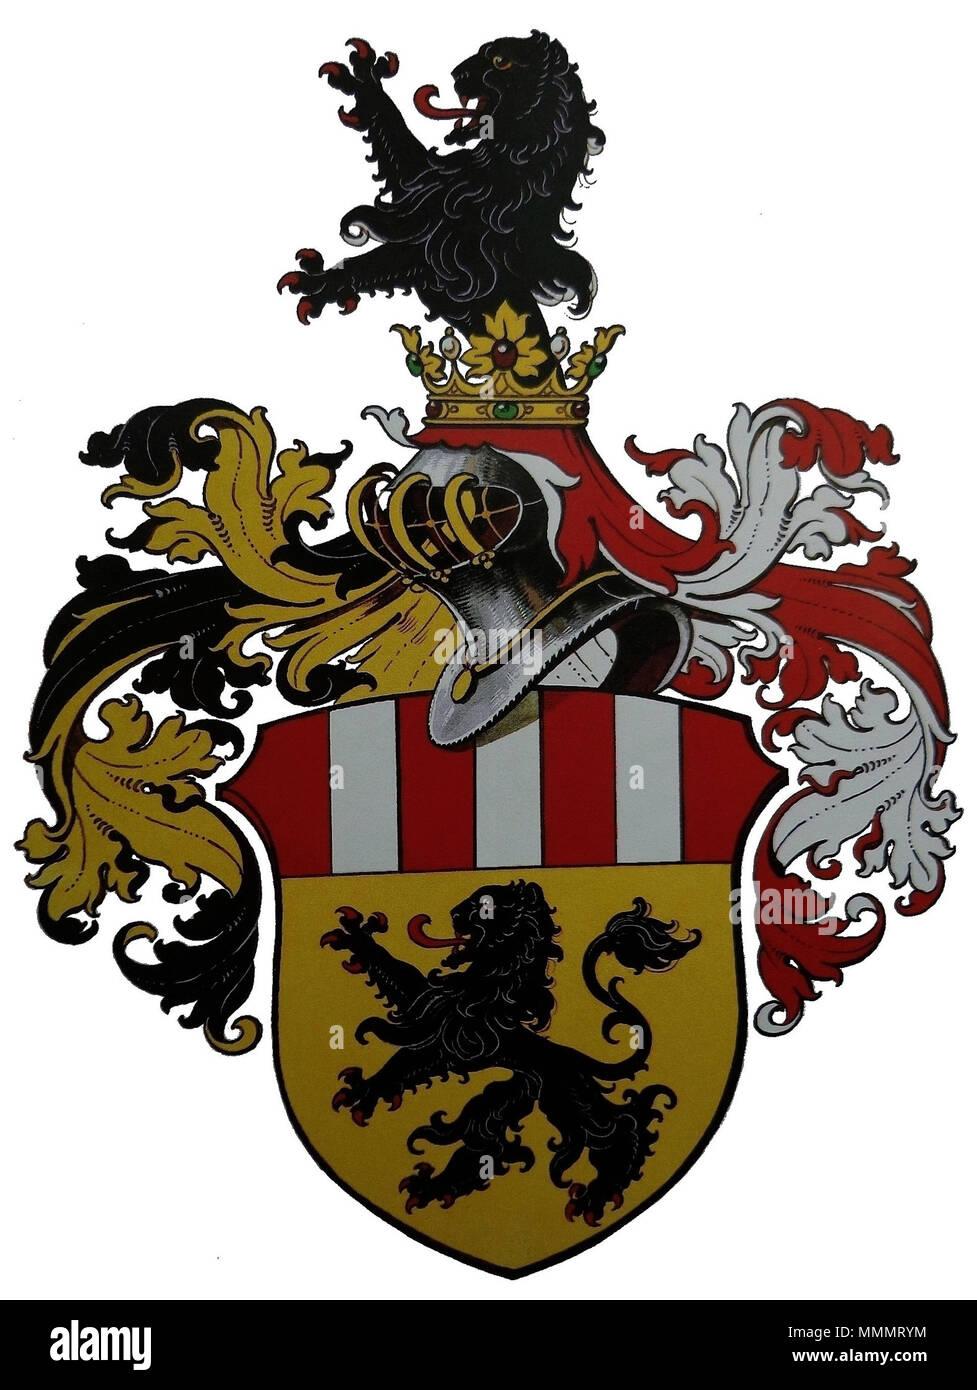 . Deutsch: Wappen des Ingenieurs Dr. h.c. Ferdinand Neureiter senior, Direktor der österreichischen Siemens-Schuckertwerke, dem Kaiser Karl I. von Österreich 'aus Anlass der Vollendung des Neubaues der Exportakademie in Wien und dessen außergewöhnlichen Verdiensten in diesem Zusammenhang' mit Allerhöchster Entschließung zu Wien am 9. April 1918 den erblichen österreichischen Adelsstand als Edler von Neureiter verliehen hatte. Das entsprechende Adelsdiplom wurde am 9. Juli 1918 in Wien ausgestellt. Zeichnung aus den Akten im Österreichischen Staatsarchiv Wien, Allgemeines Verwaltungsarchiv, Ade Stock Photo